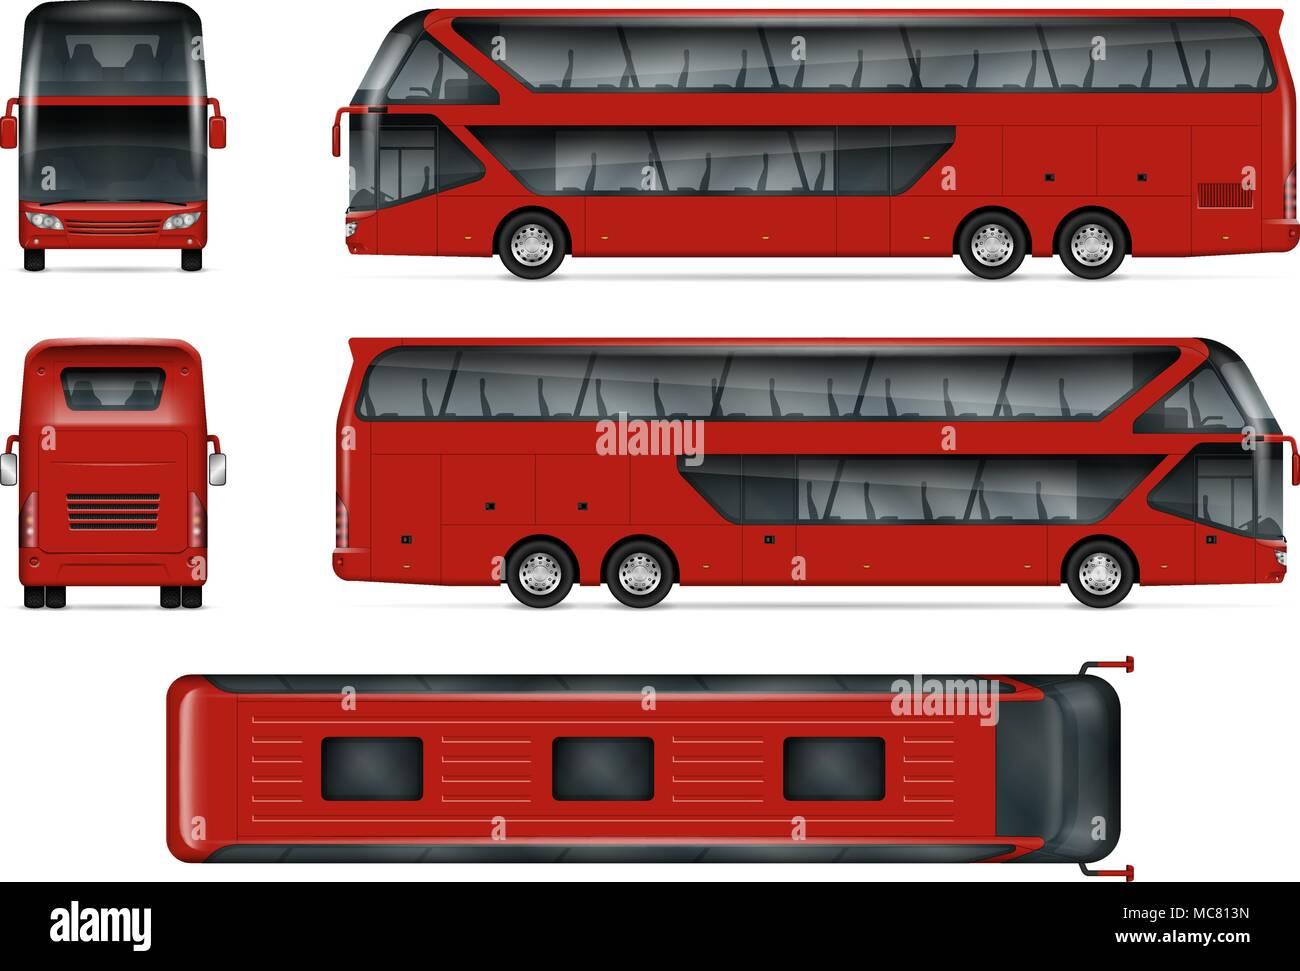 Bus vektor Mock-up isoliert Vorlage von Red Travel Coach auf Weiß ...